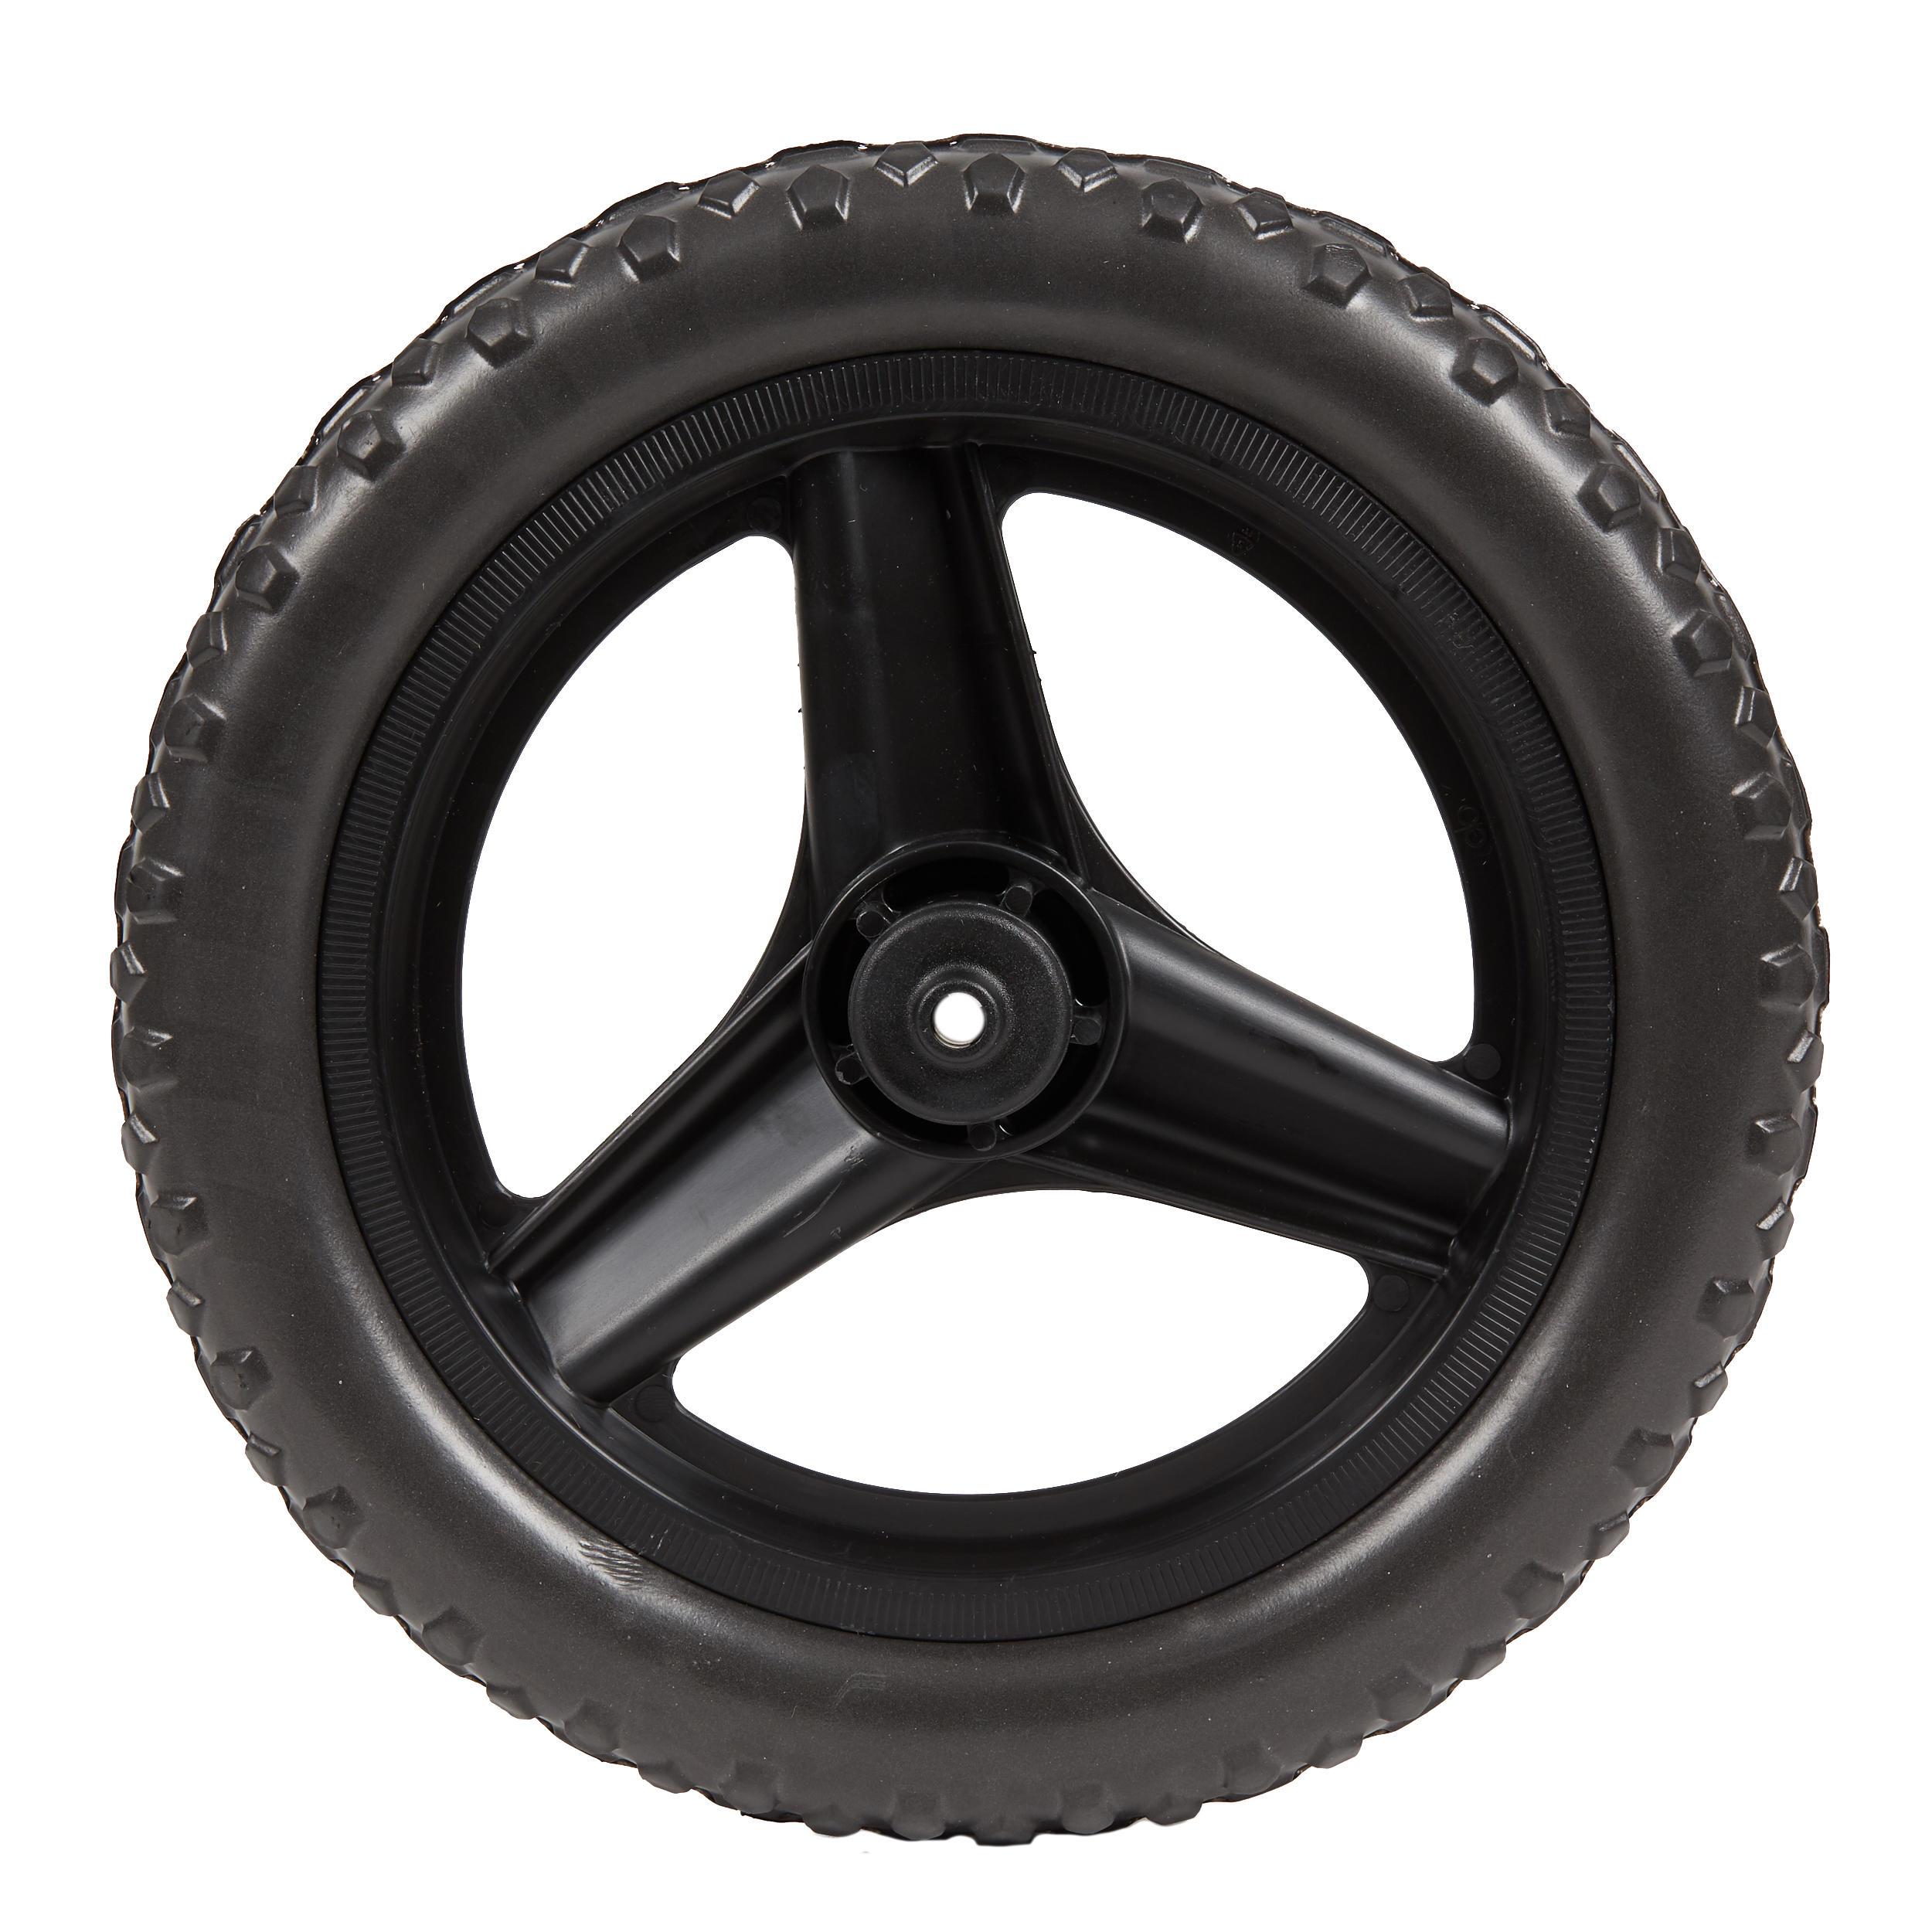 btwin ruota 10 pollici posteriore bici senza pedali runride nera con pneumatico nero.